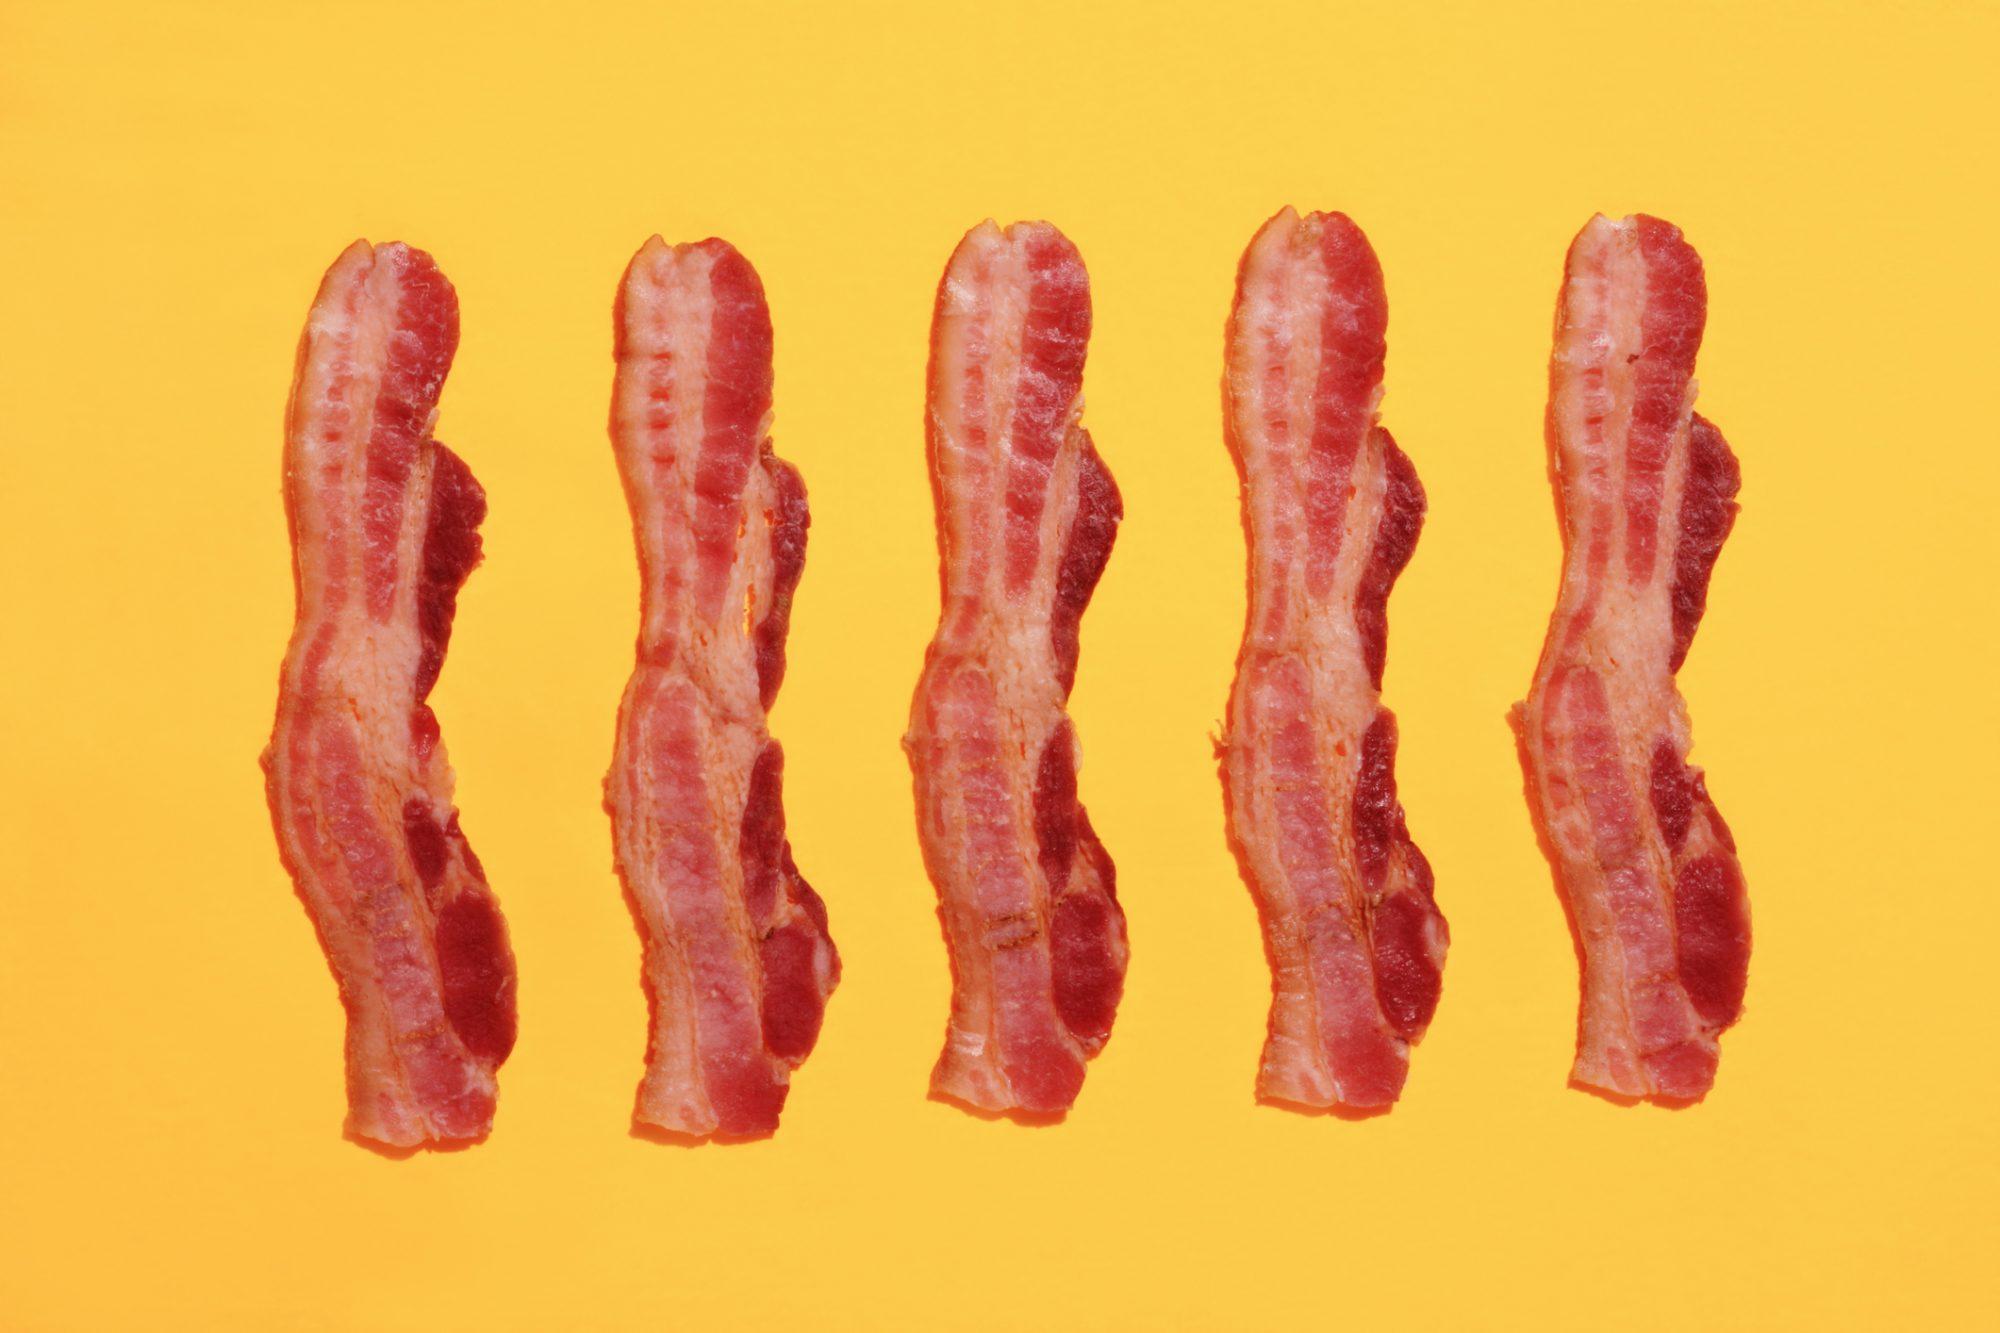 EC: Do Kim Kardashian West's Lipsticks Look Like Bacon?